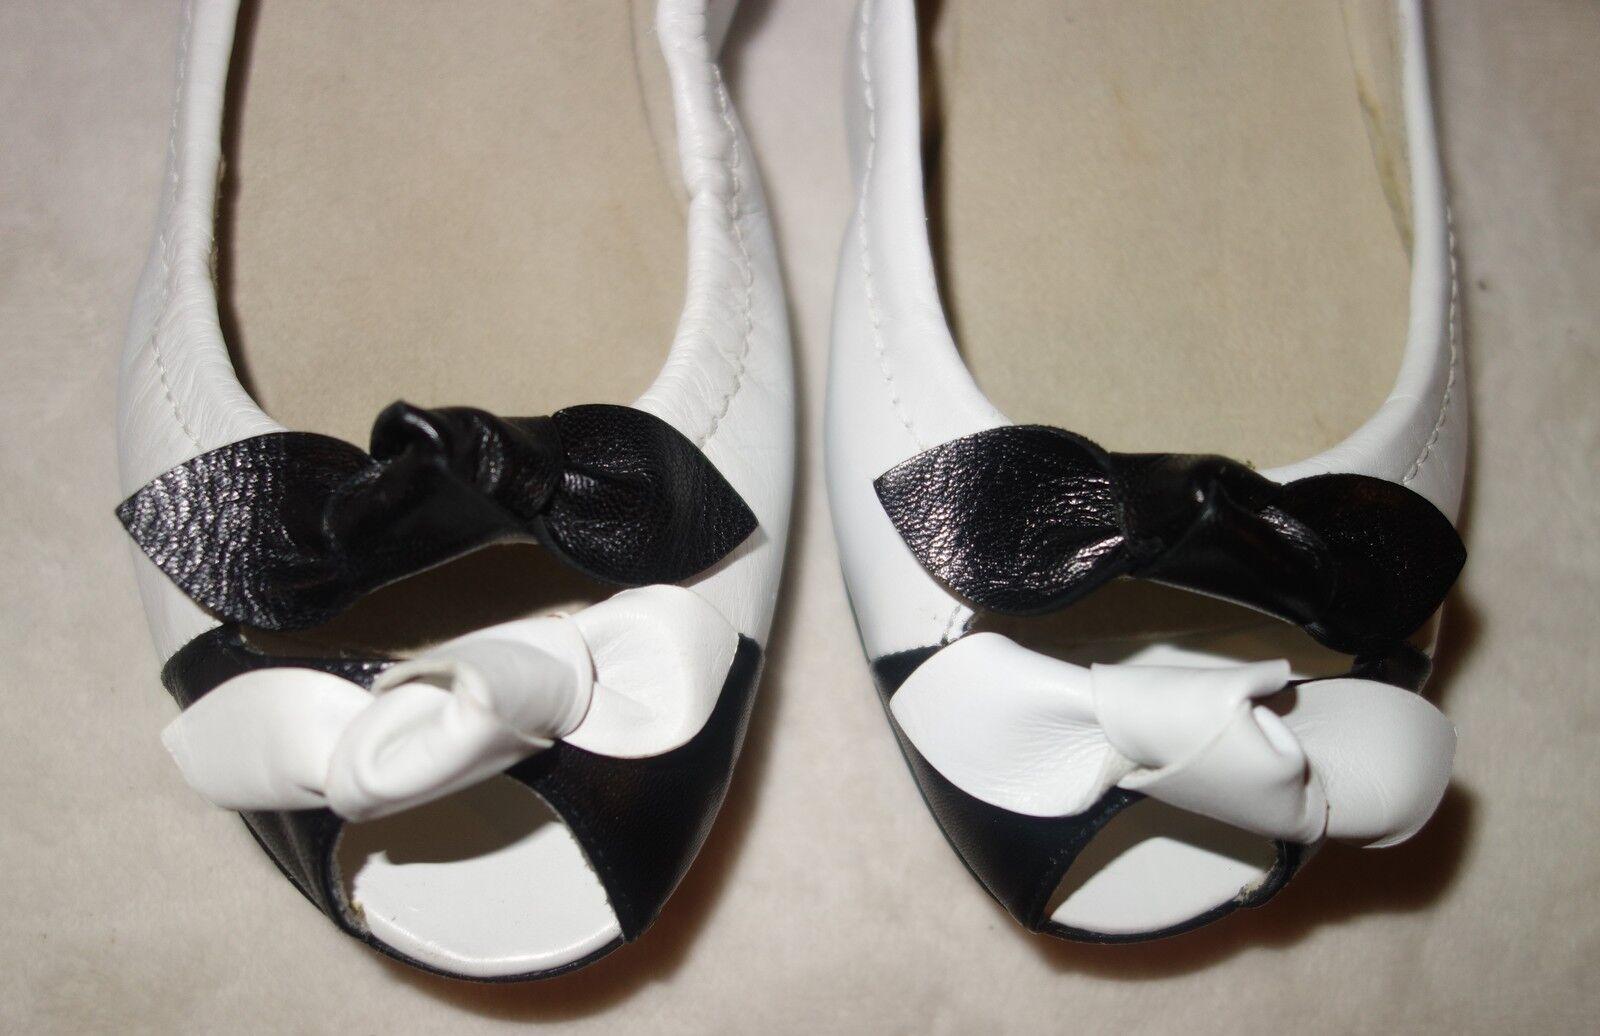 Stuart Weitzman Bonaire blanc nœud noir chaussures 36 US Taille 5.5 Neuf